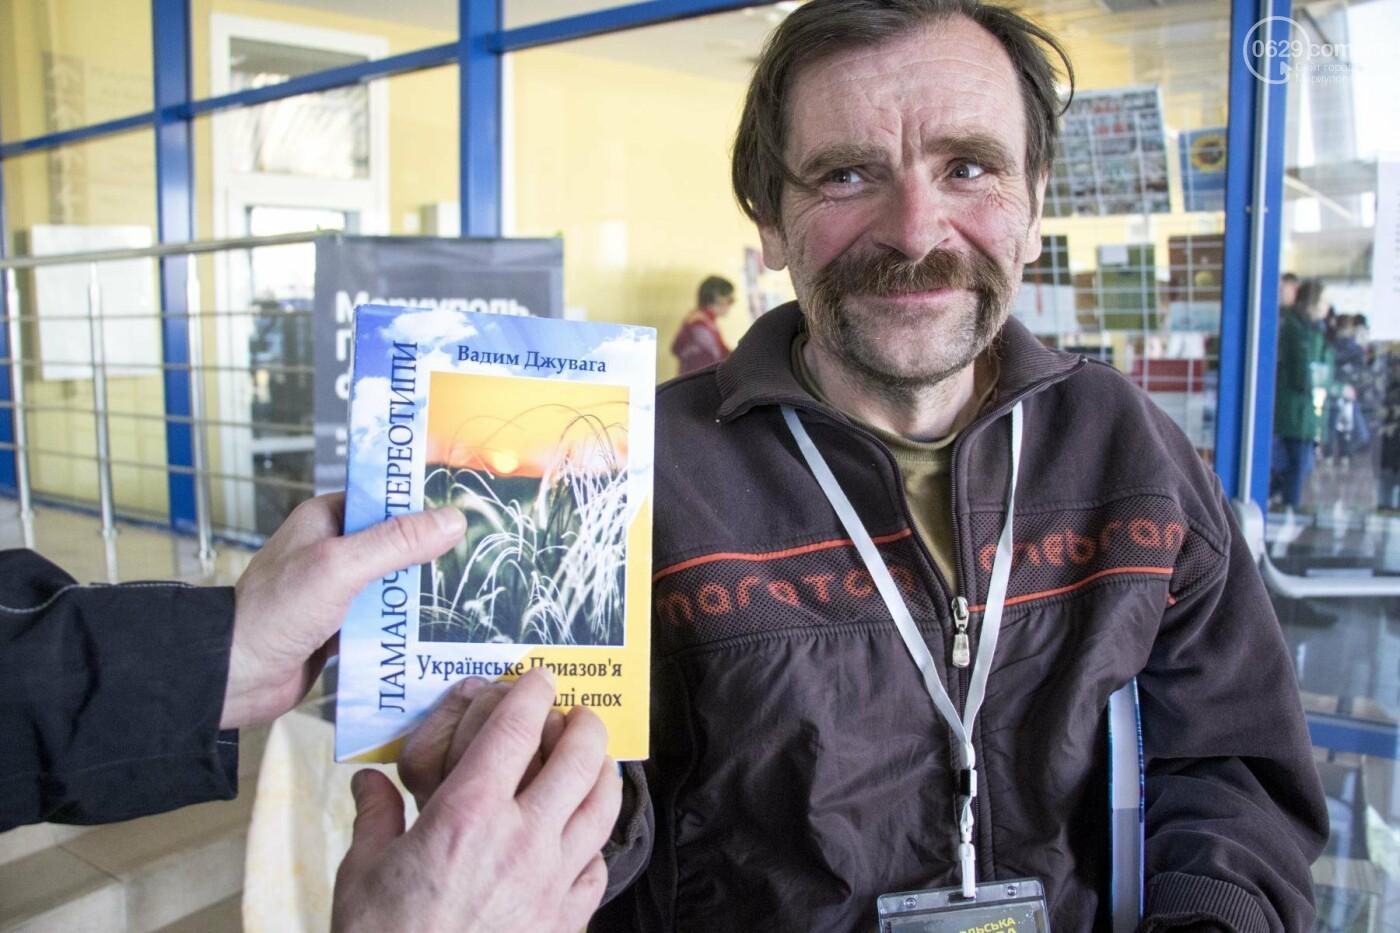 Толклась толока. Фоторепортаж с первого международного книжного фестиваля в Мариуполе (ФОТО+ВИДЕО), фото-21